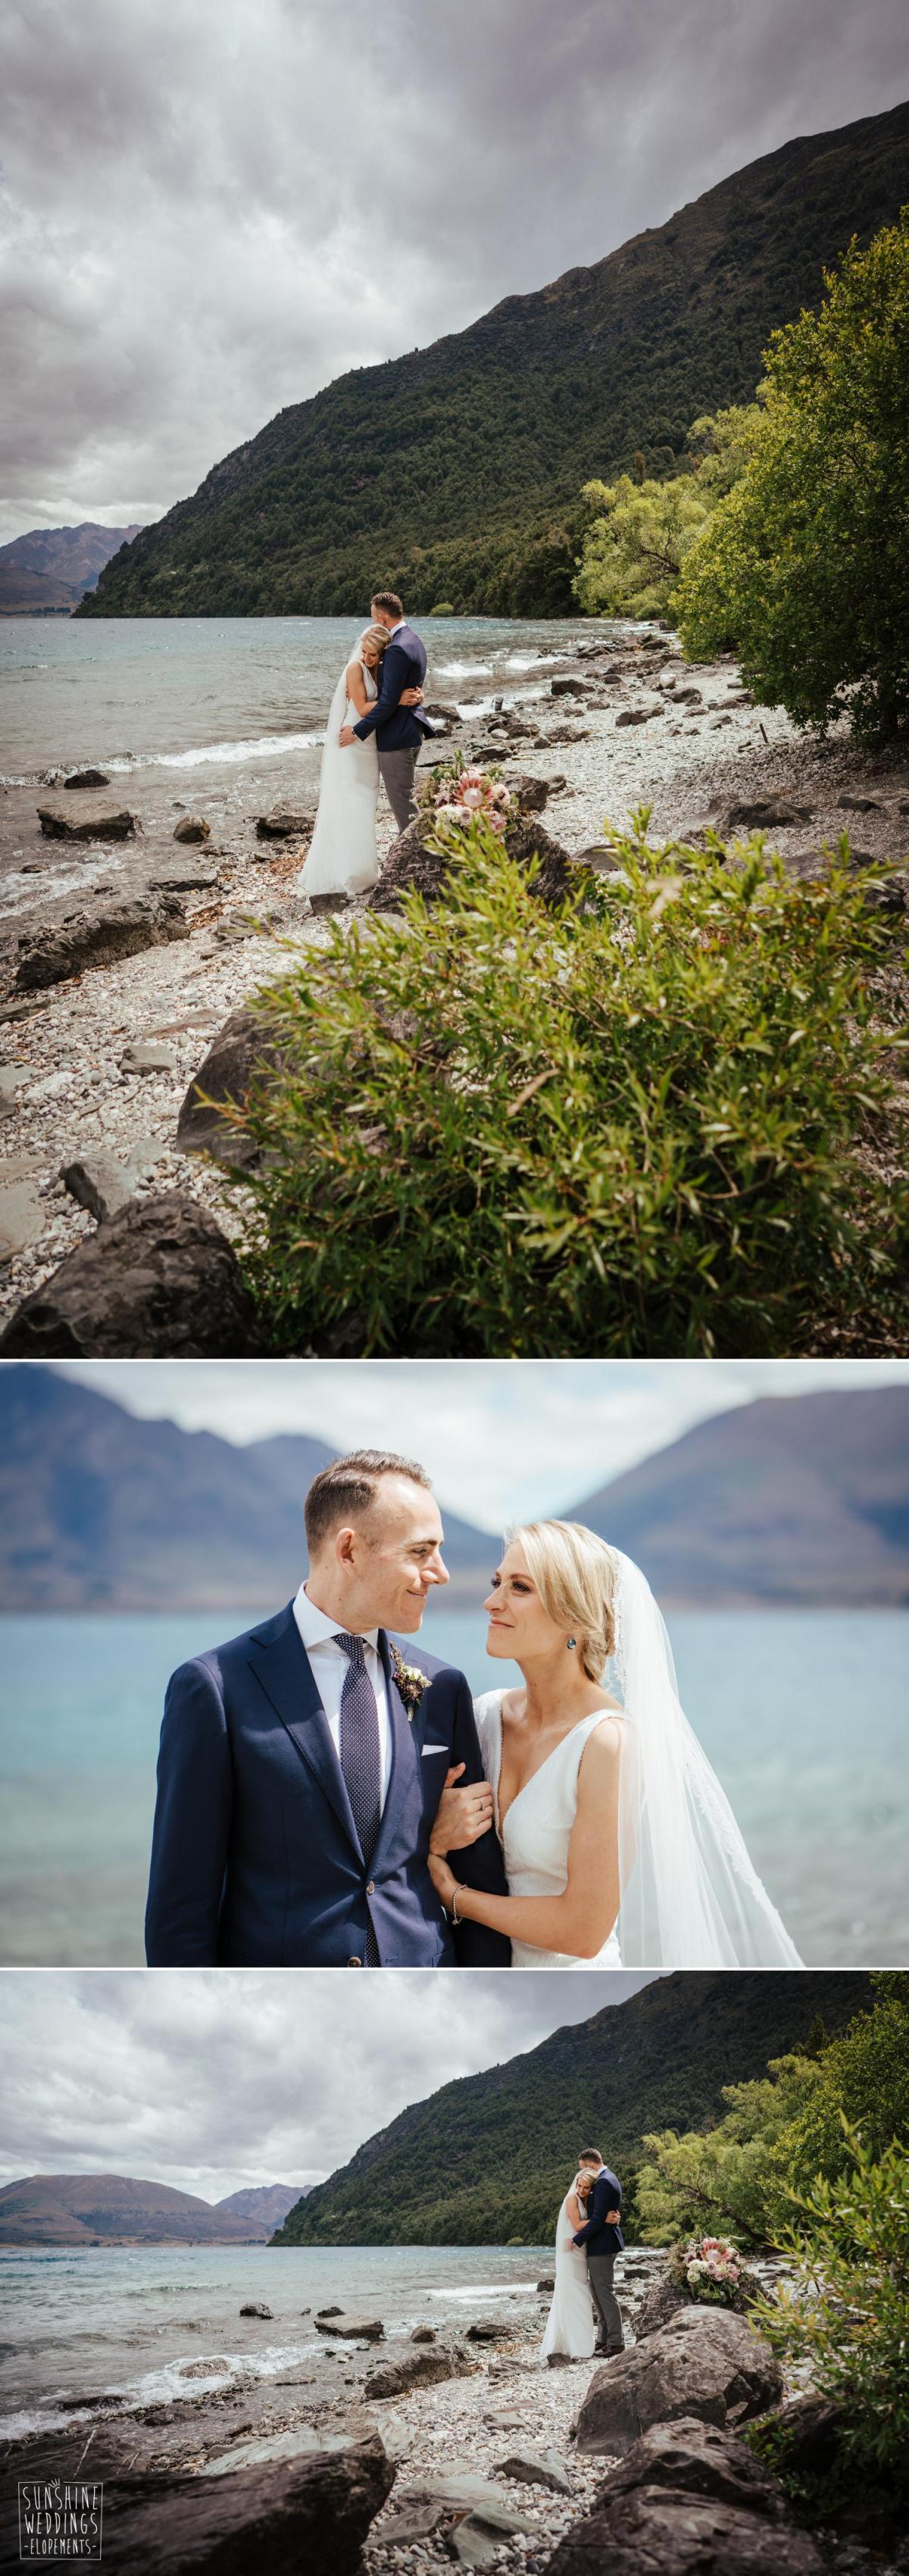 Elopement wedding planner Queenstown